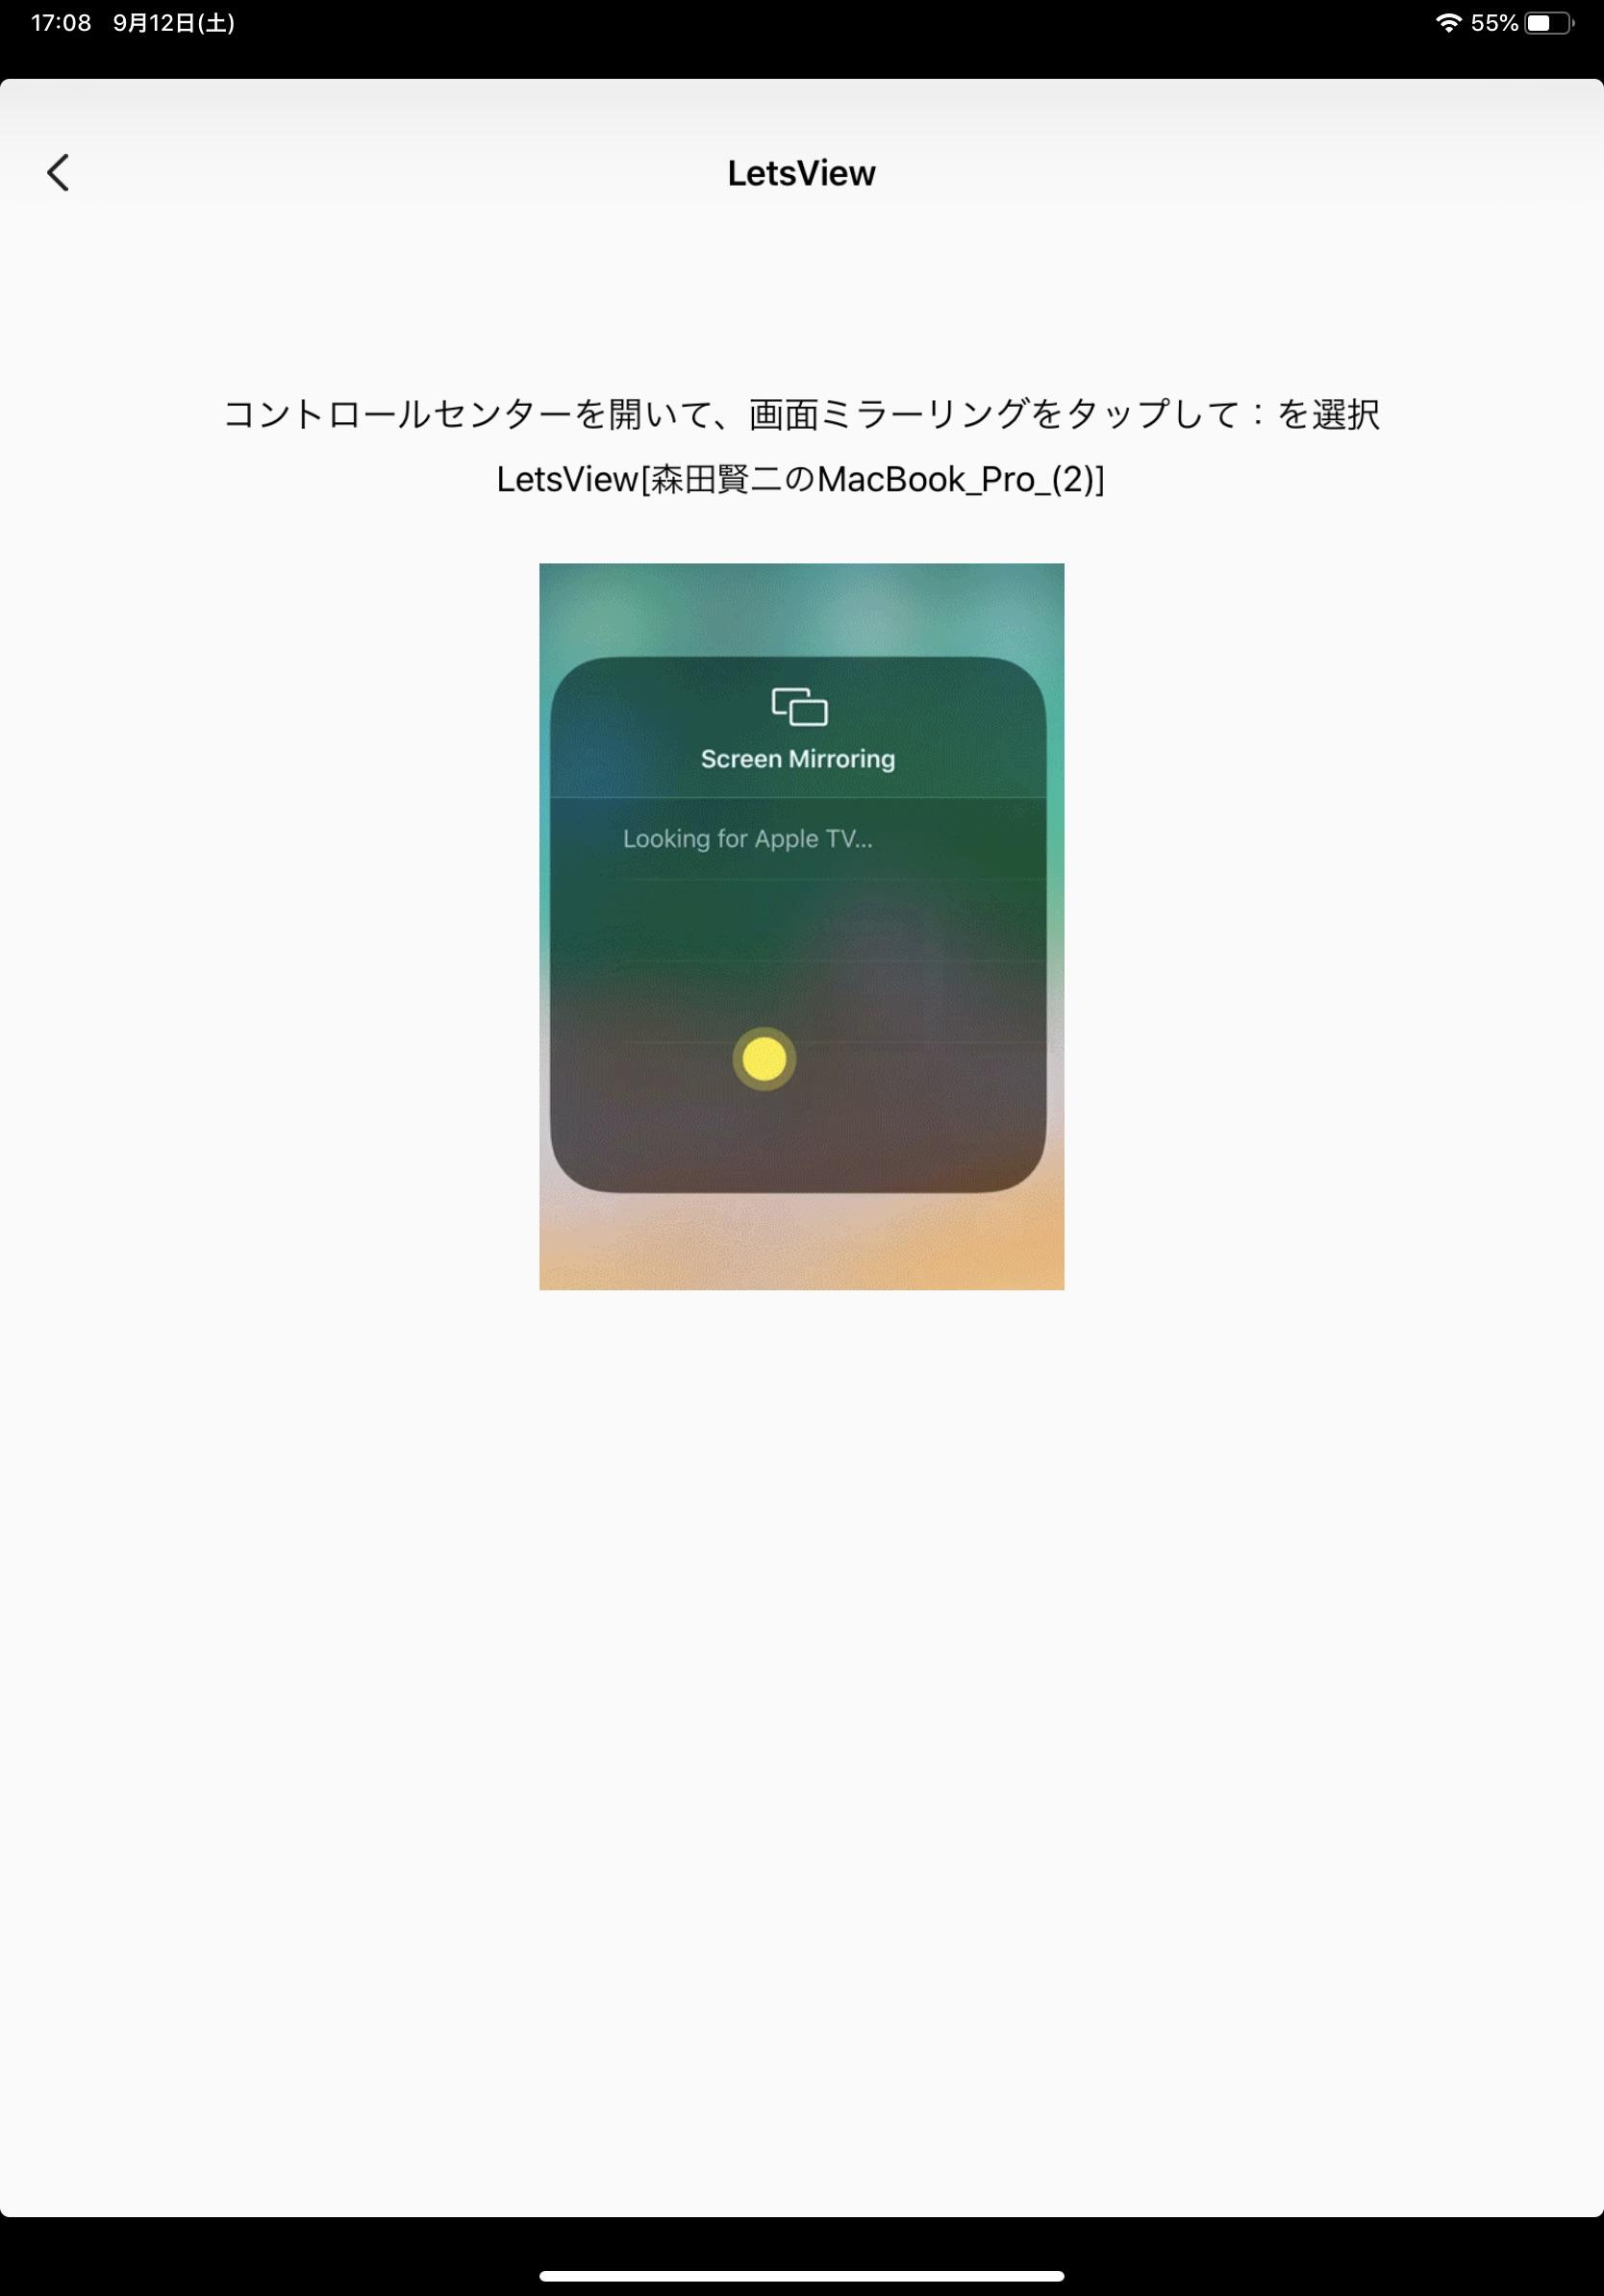 上からiPadをなでるようにしてコントロールパネルを開く【解決!】iPad(Pro)の画面をMacBookProに映し出す(ミラーリングする)方法